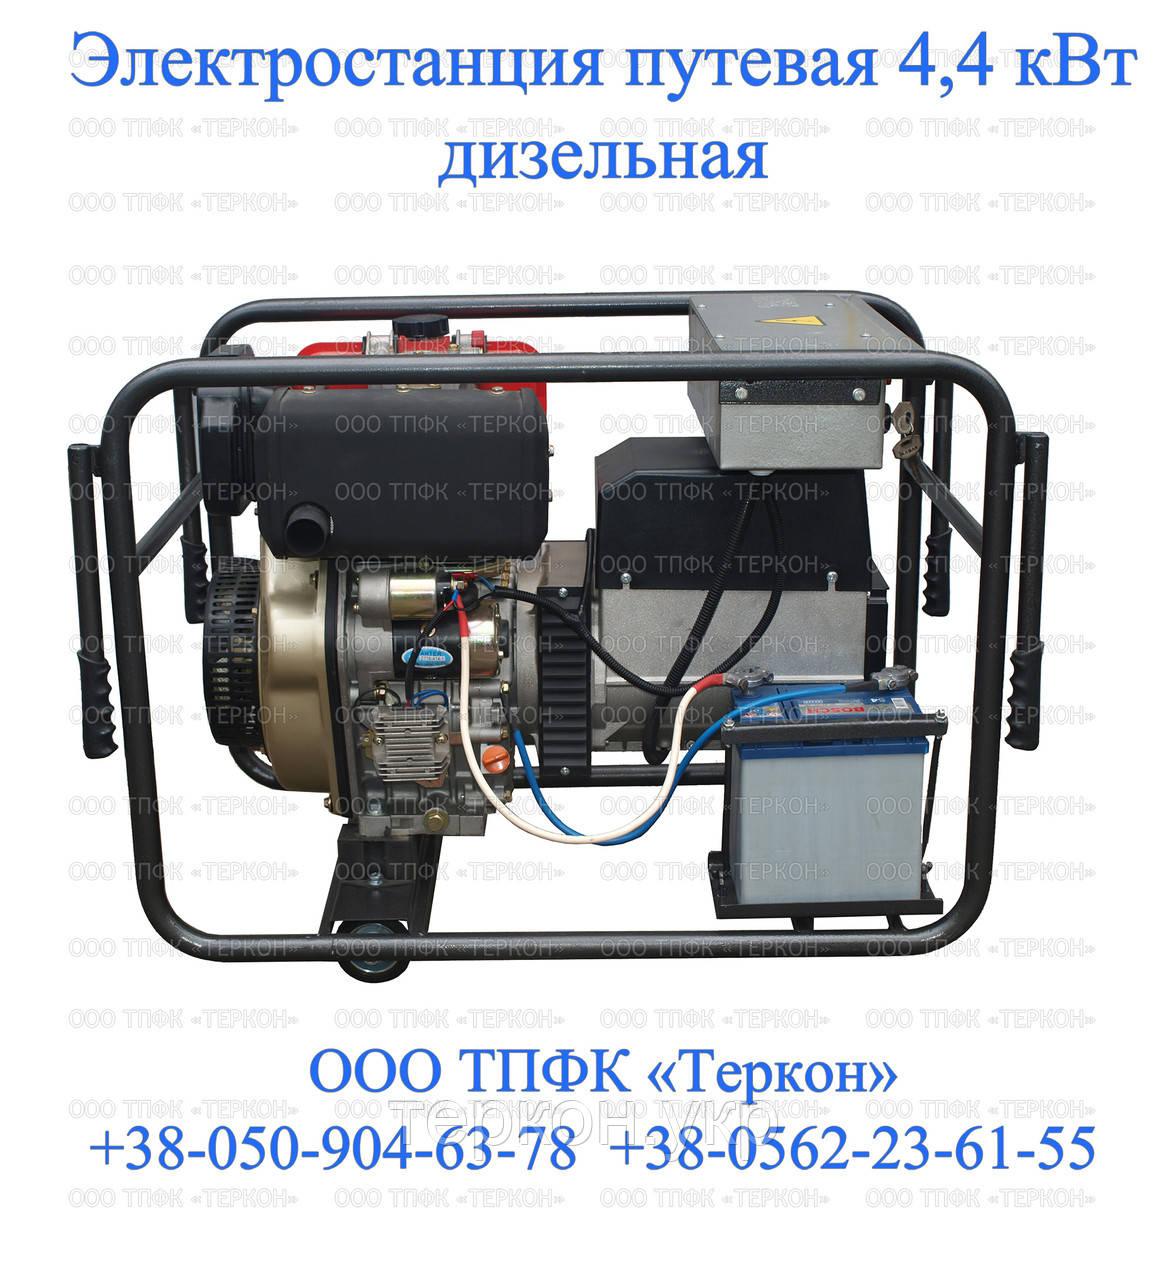 Дизельный генератор АД4-Т230-Ж (Электростанция железнодорожная)